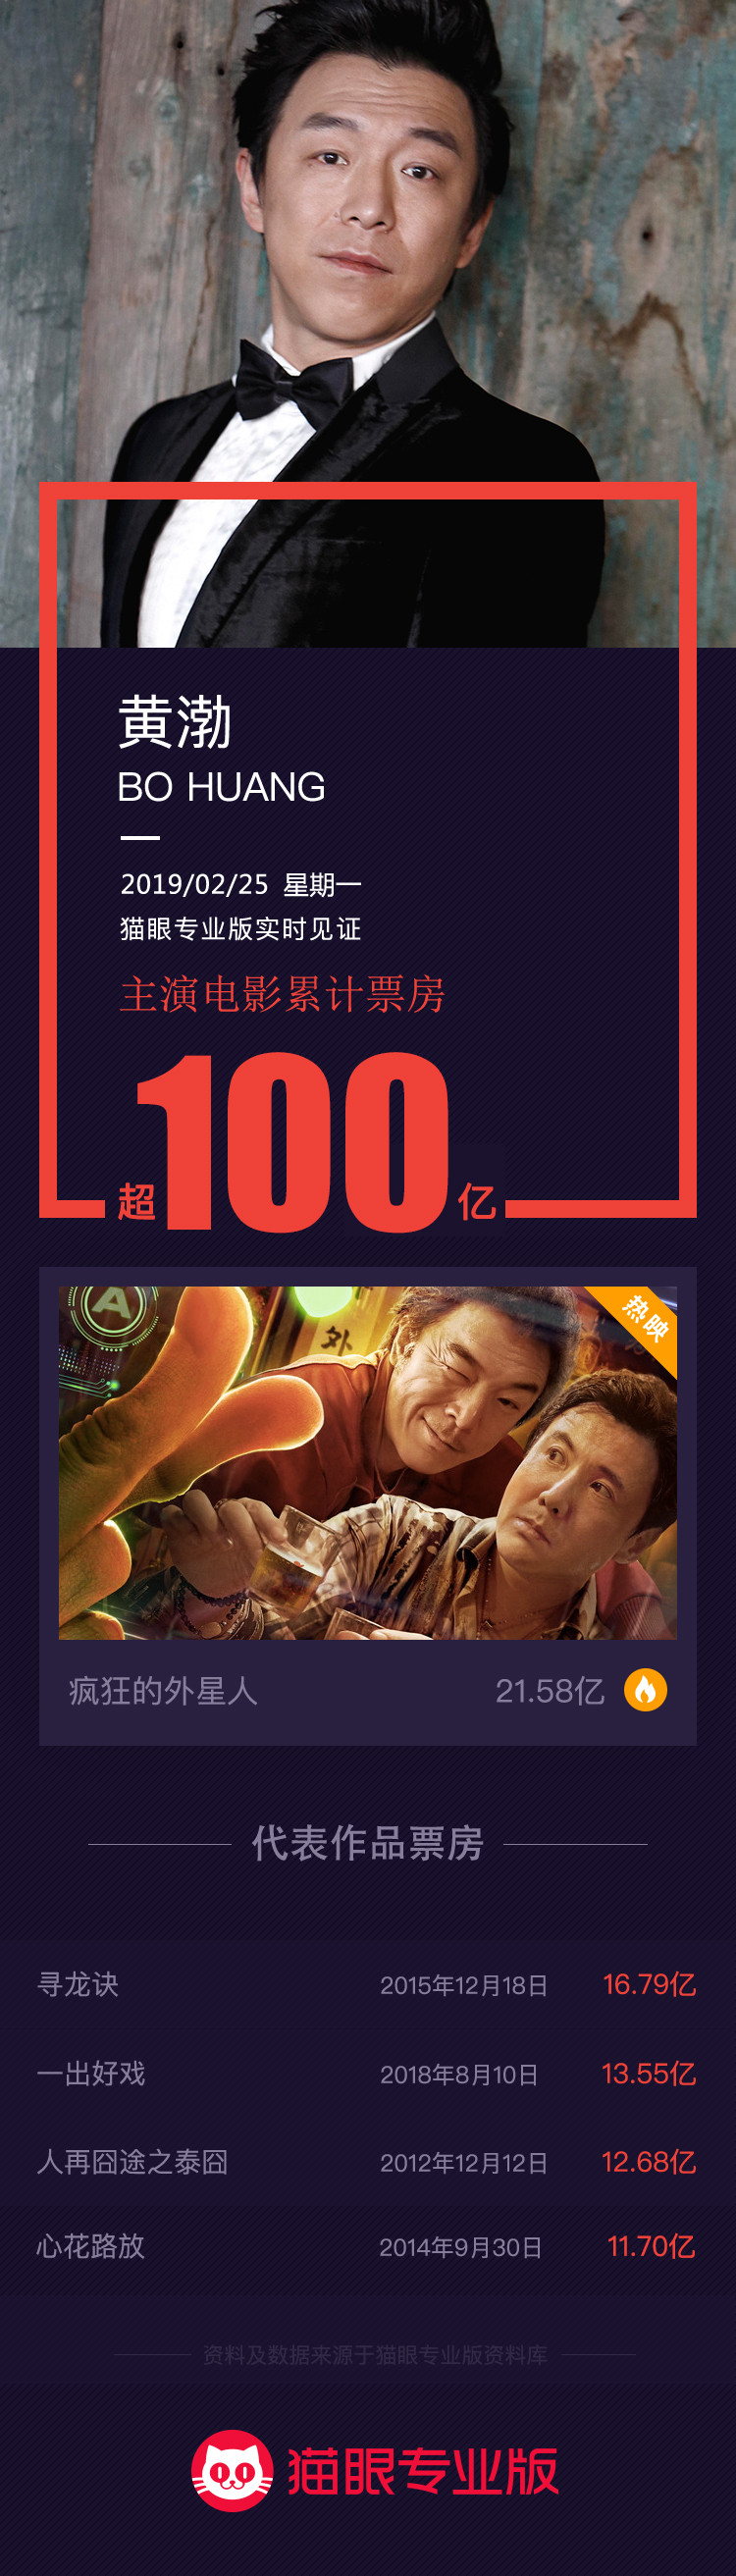 黄渤主演电影票房破100亿,中国影史百亿影人再添一员!